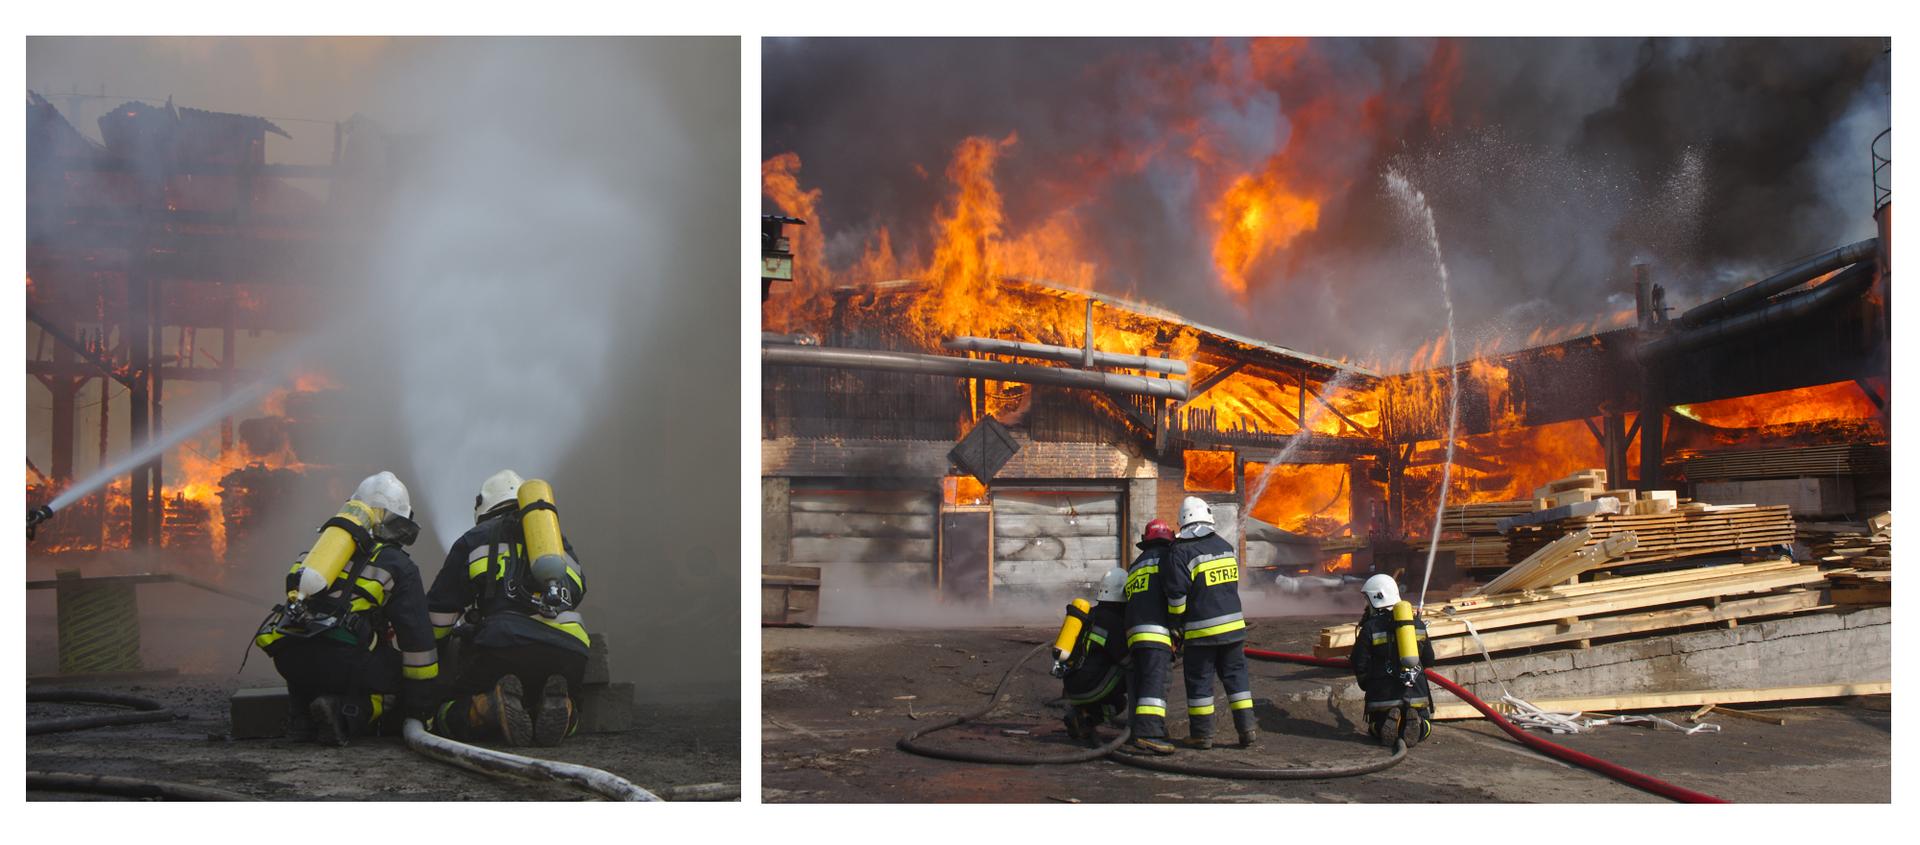 Ilustracja składa się zdwóch zdjęć. Pierwsze zdjęcie przedstawia dwóch strażaków kucających na ulicy ubranych wspecjalne strój używany wtrakcie gaszenia pożaru. Ciemna kurtka obszyta jest dwoma pasami wykonanymi zodblaskowego materiału. Dwa pasy są poziomo naszyte wzdłuż pleców idolnej części rękawów. Górny pas to kolor srebrny. Dolny, równoległy pas, to kolor jaskrawo żółty. Te same pasy są naszyte wokół dolnej części nogawek wspodniach. Strażacy na głowach mają białe kaski. Na plecach żółte butle zmieszanką gazową. Wdole zdjęcia widoczny wąż strażacki. Długa rura wykonana zmateriału. Wewnątrz woda do gaszenia pożaru. Strażacy trzymają wąż strażacki między sobą. Przed strażakami widoczna wydobywająca się zwęża woda pod wysokim ciśnieniem. Woda kierowana jest wgórę. Wtle zdjęcia, po lewej stronie, widoczny drugi strumień wody wydostający się zwęża strażackiego. Wtle budynek częściowo spalony wpożarze. Widoczne płomienie wzdłuż ścian budynku. Drugie zdjęcie przedstawia czterech strażaków gaszących pożar dużego budynku fabrycznego, ujęcie znacznie szersze od poprzedniego. Dzień. Strażacy znajdują się blisko siebie. Jeden obok drugiego. Pierwszy iczwarty strażak, gaszą pożar wprzysiadzie lub klęcząc. Trzymają węże strażackie, kierując strumień wody wgórę wstronę pożaru. Dwóch strażaków, drugi itrzeci, stojąc, pomagają strażakowi po lewej. Razem trzymają wąż strażacki. Wtle zdjęcia palący się budynek fabryczny. Budynek sięga od lewej do prawej krawędzi zdjęcia. Ogień znajduje się wcałym budynku. Czerwone iżółte płomienie zajmują parter ipiętro, dach. Nad palącym się budynkiem ciemny dym oraz plamy czerwonego ognia unoszącego się ku górze. Obok strażaków, na prawo, leżą drewniane ibetonowe części budynku.